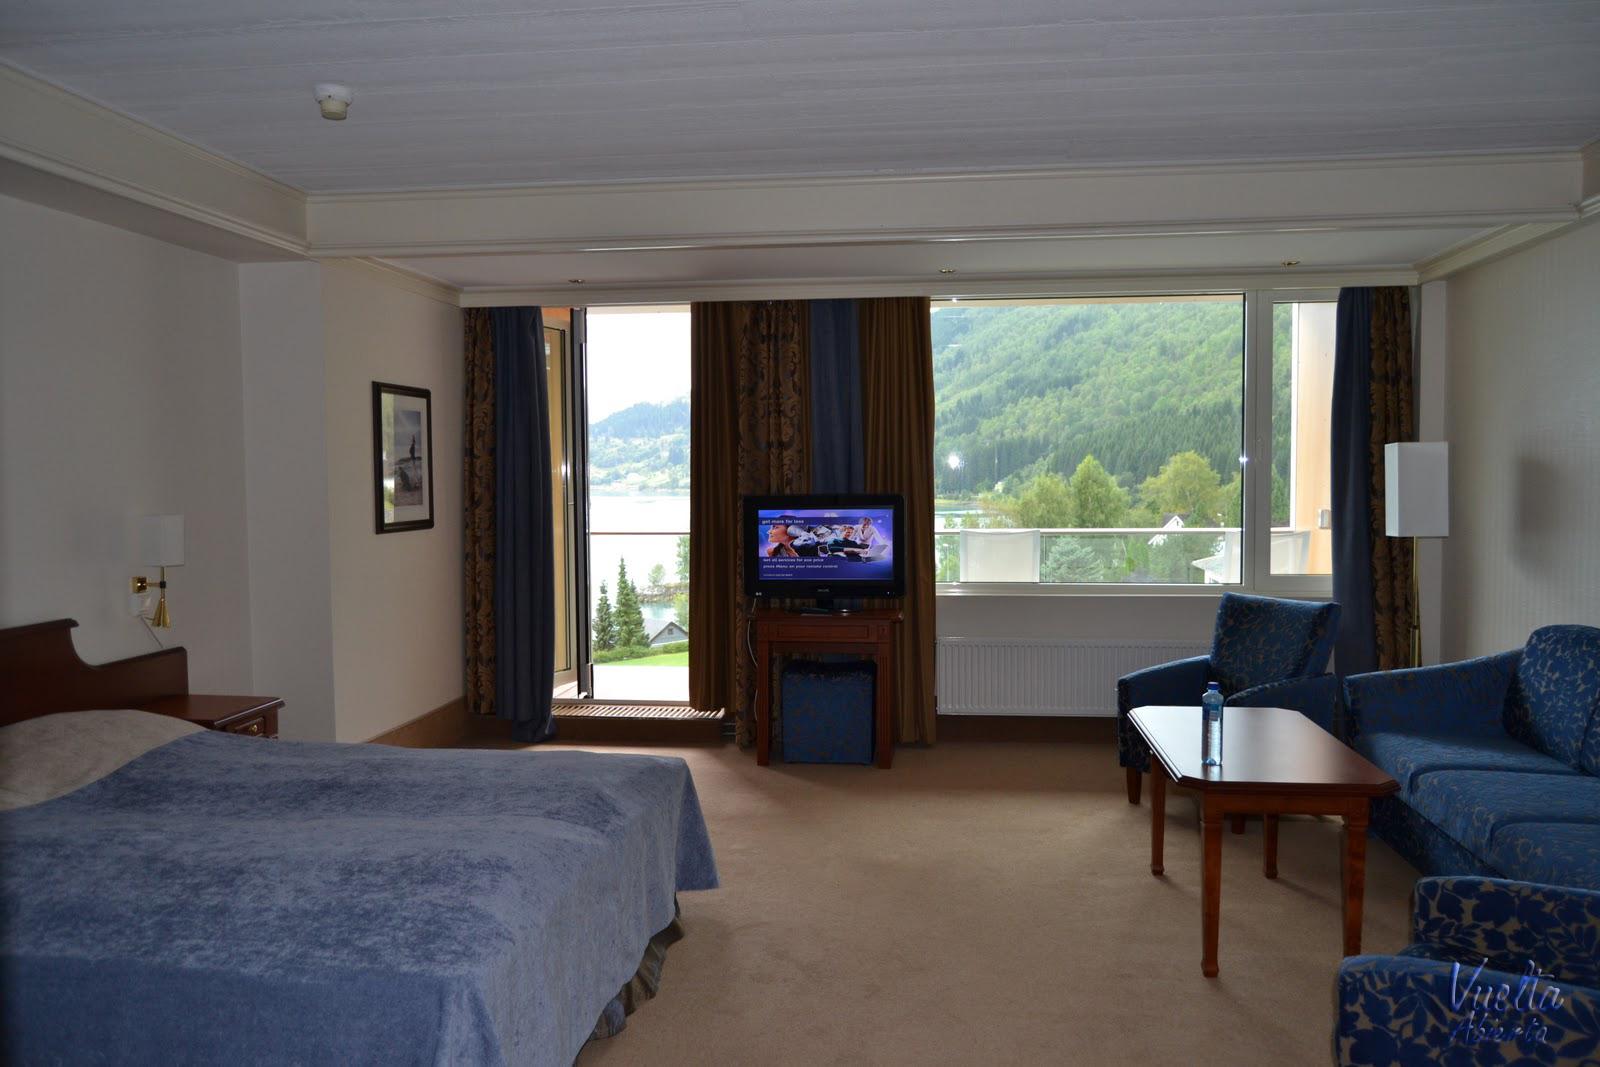 fjord hotel alexandra loen